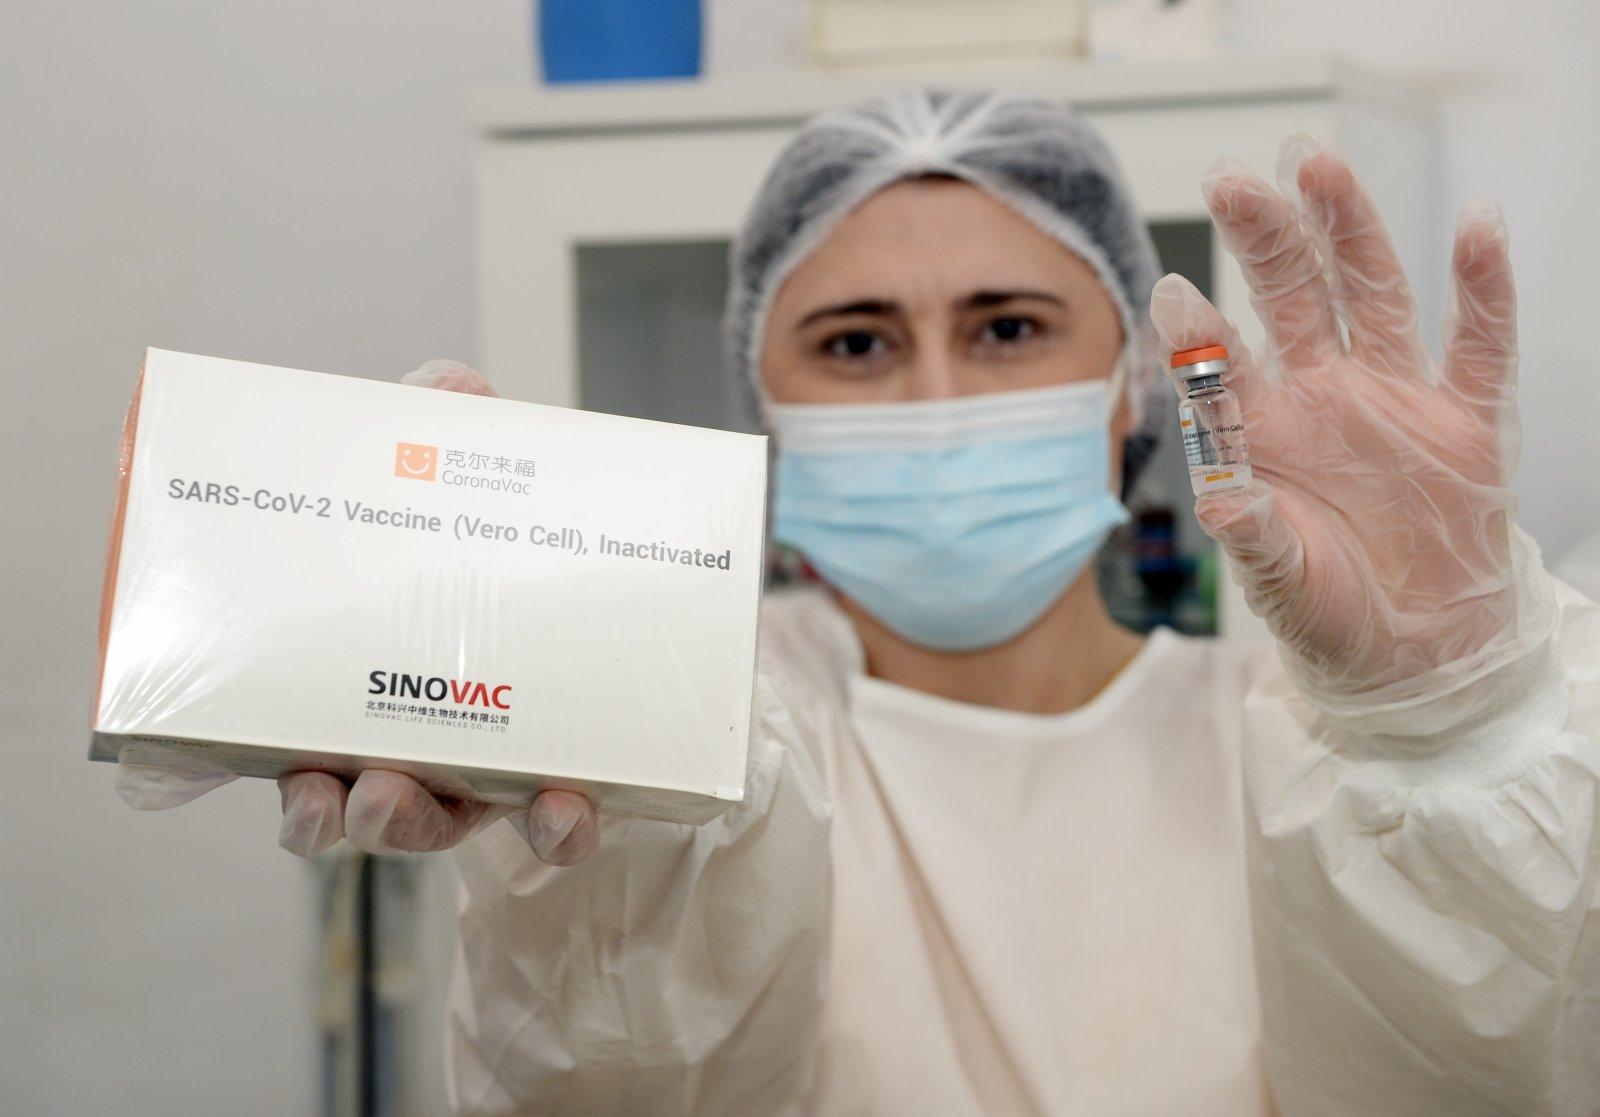 1月18日,在阿塞拜疆首都巴庫,一名醫務人員展示中國科興公司生產的新冠疫苗。(新華社)